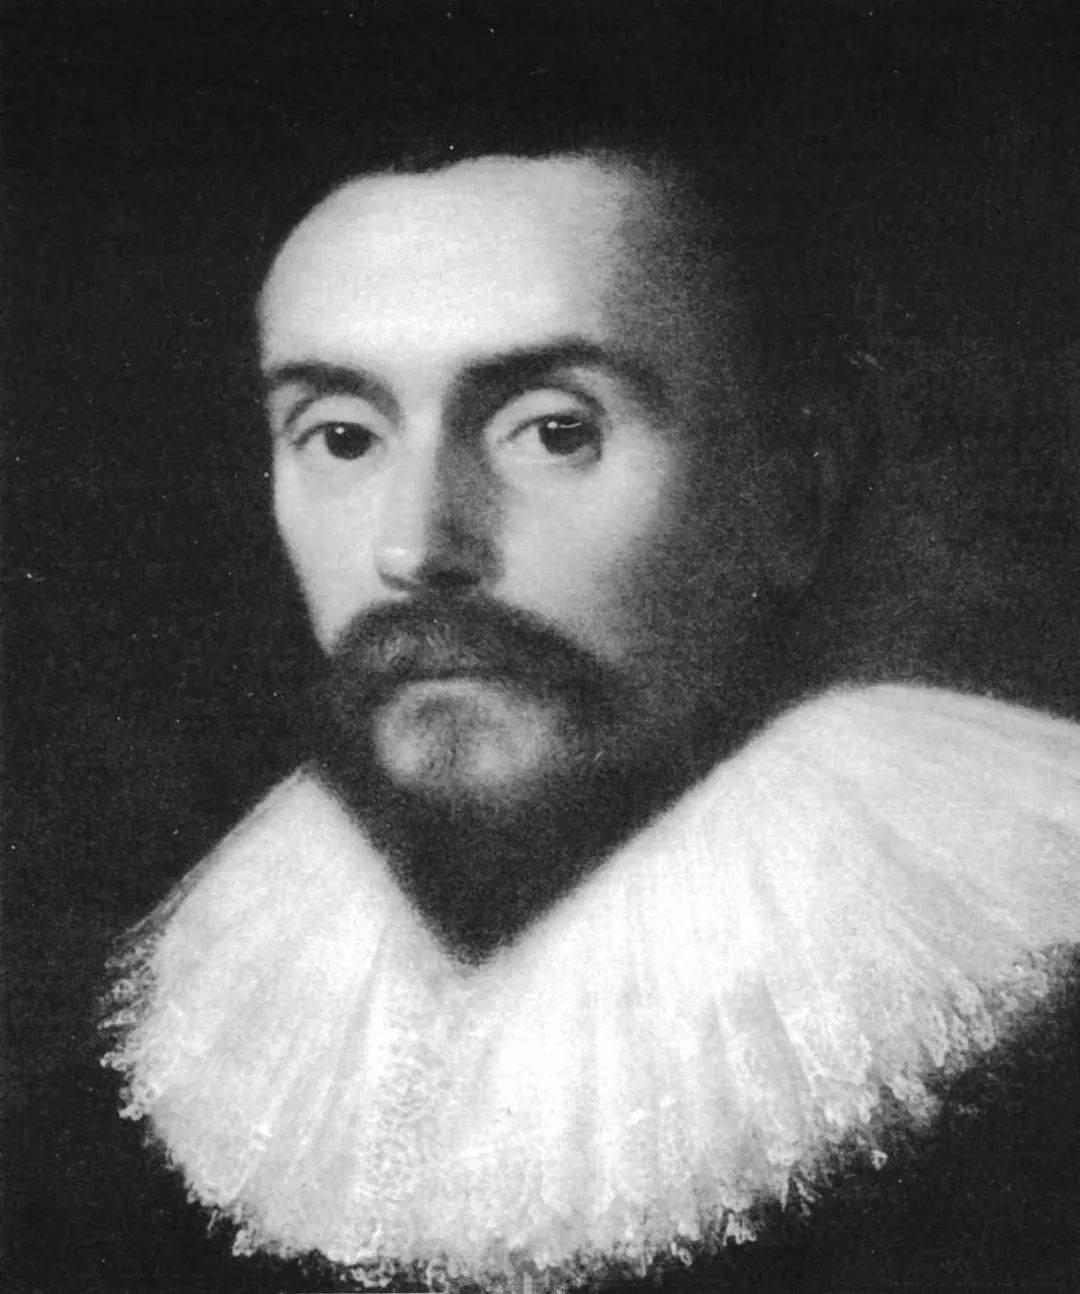 开普勒出生 科学家 物理 宇宙